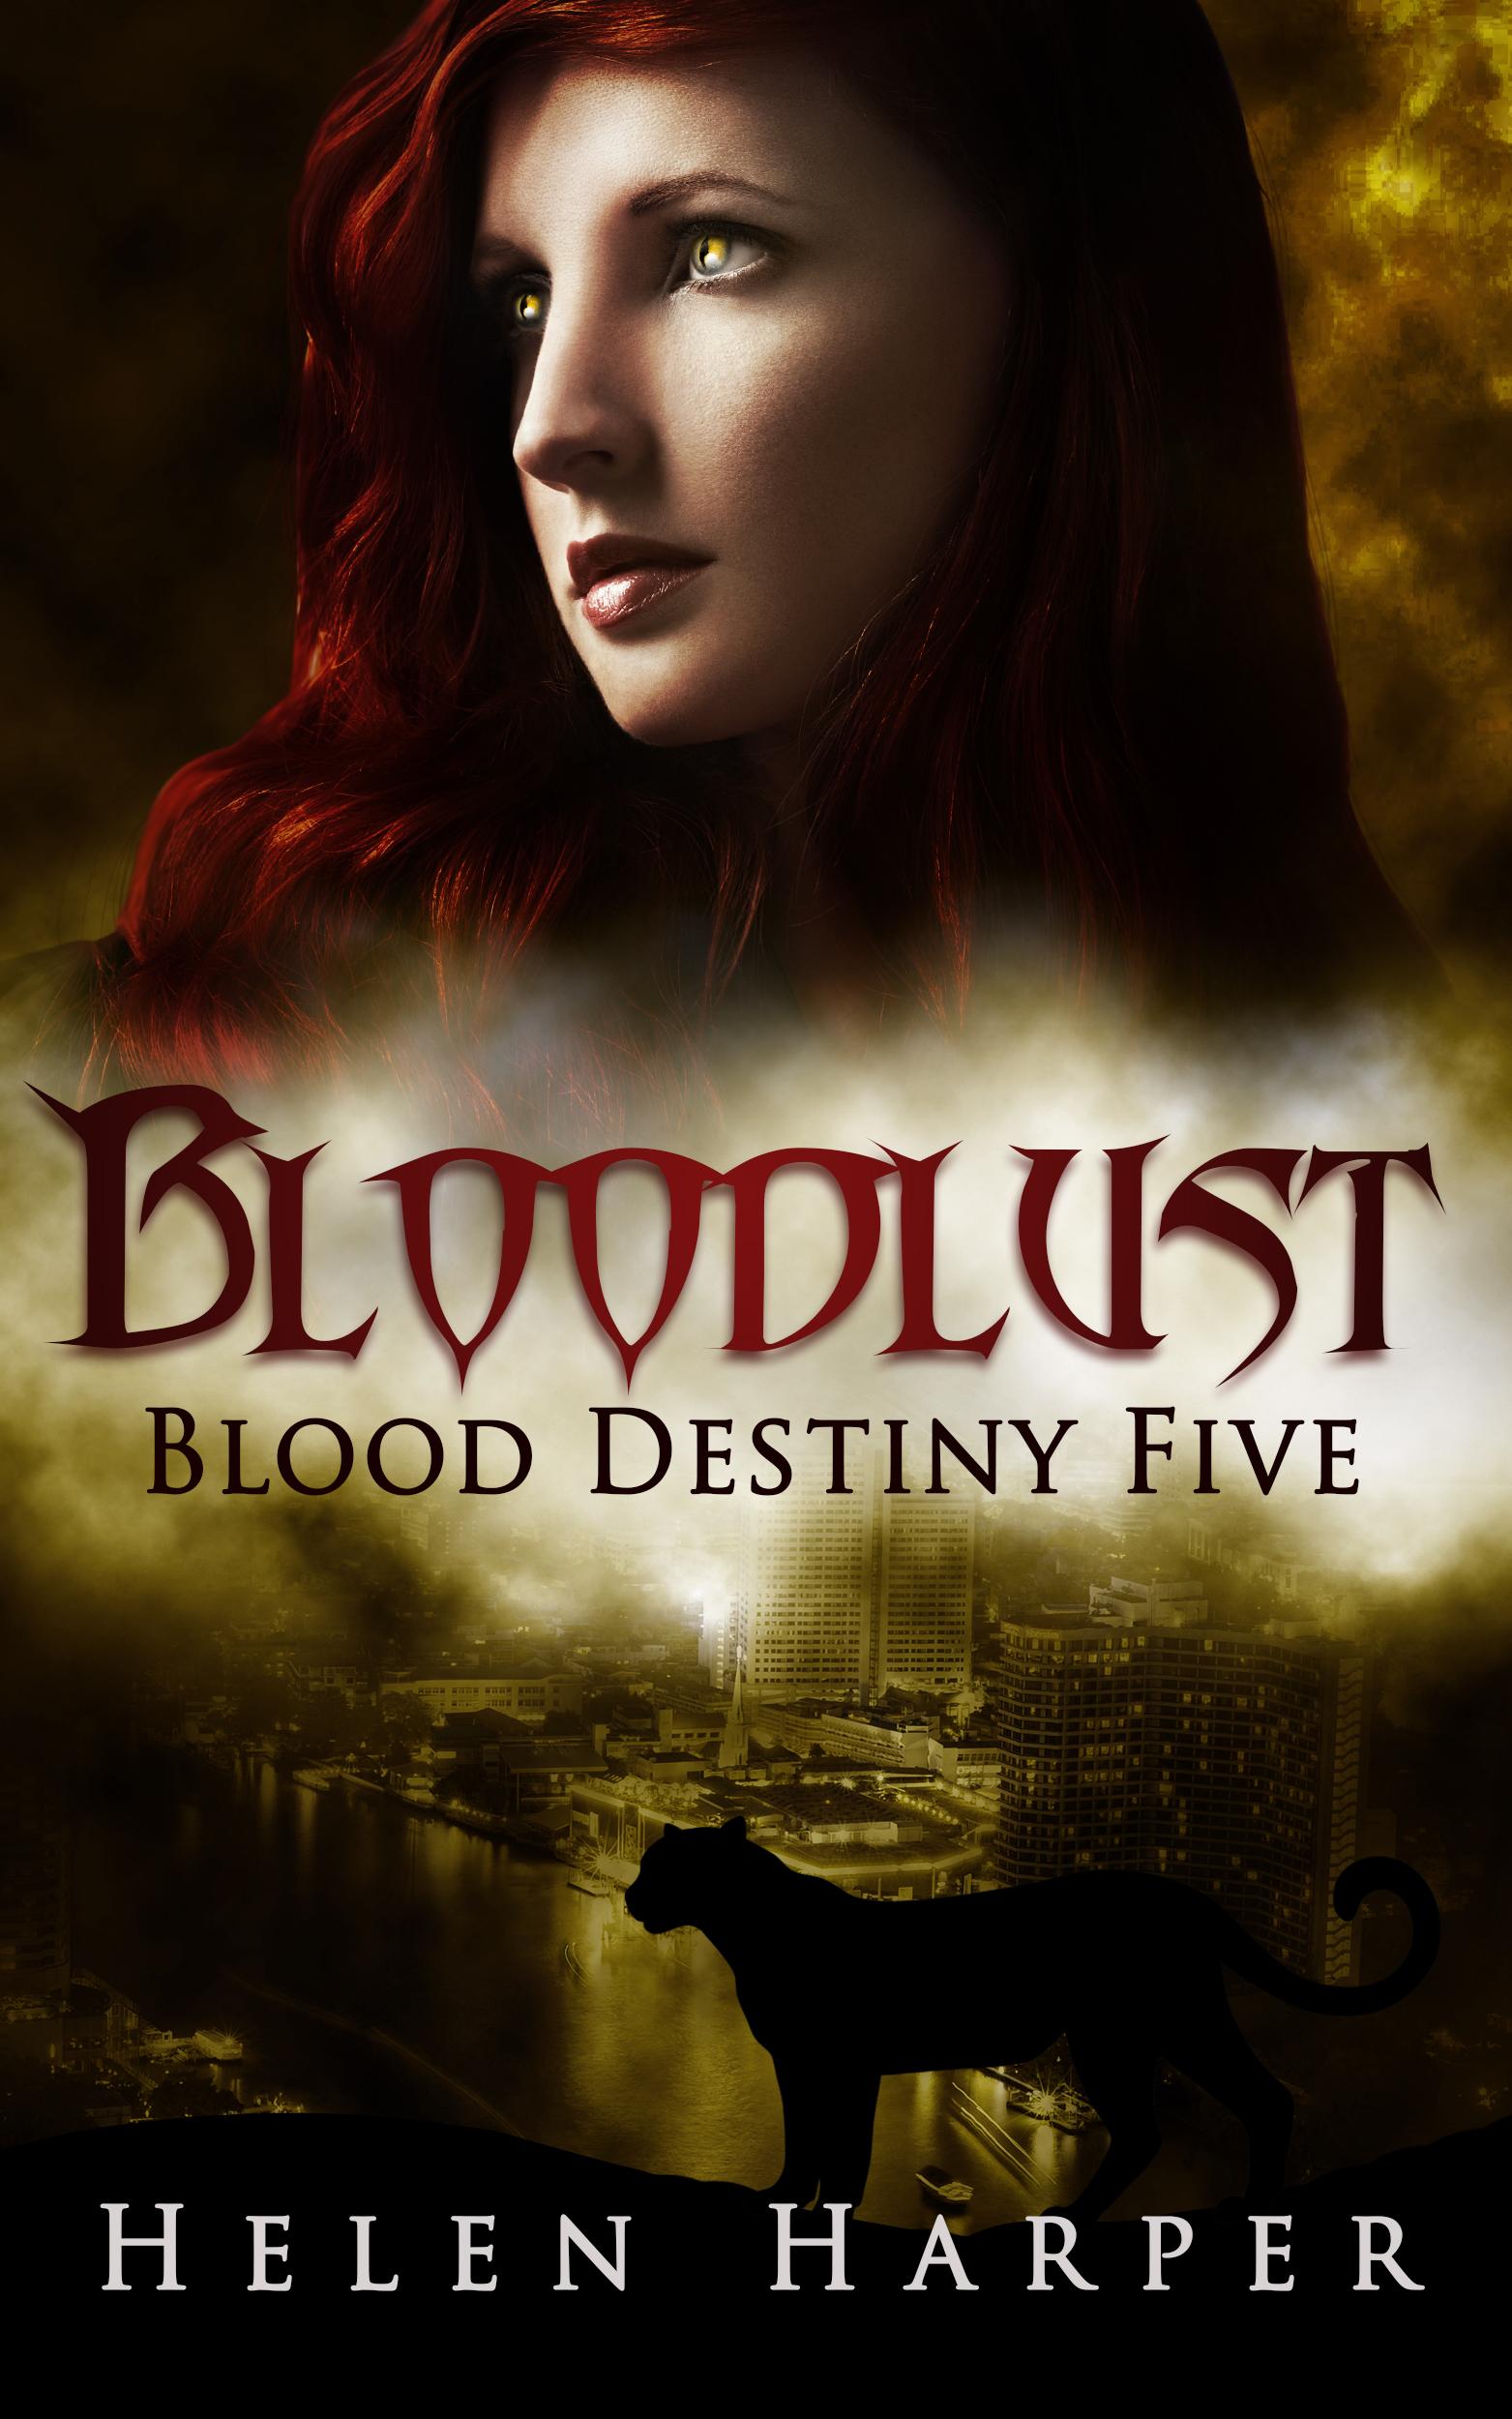 Helen Harper - Bloodlust (Blood Destiny 5)